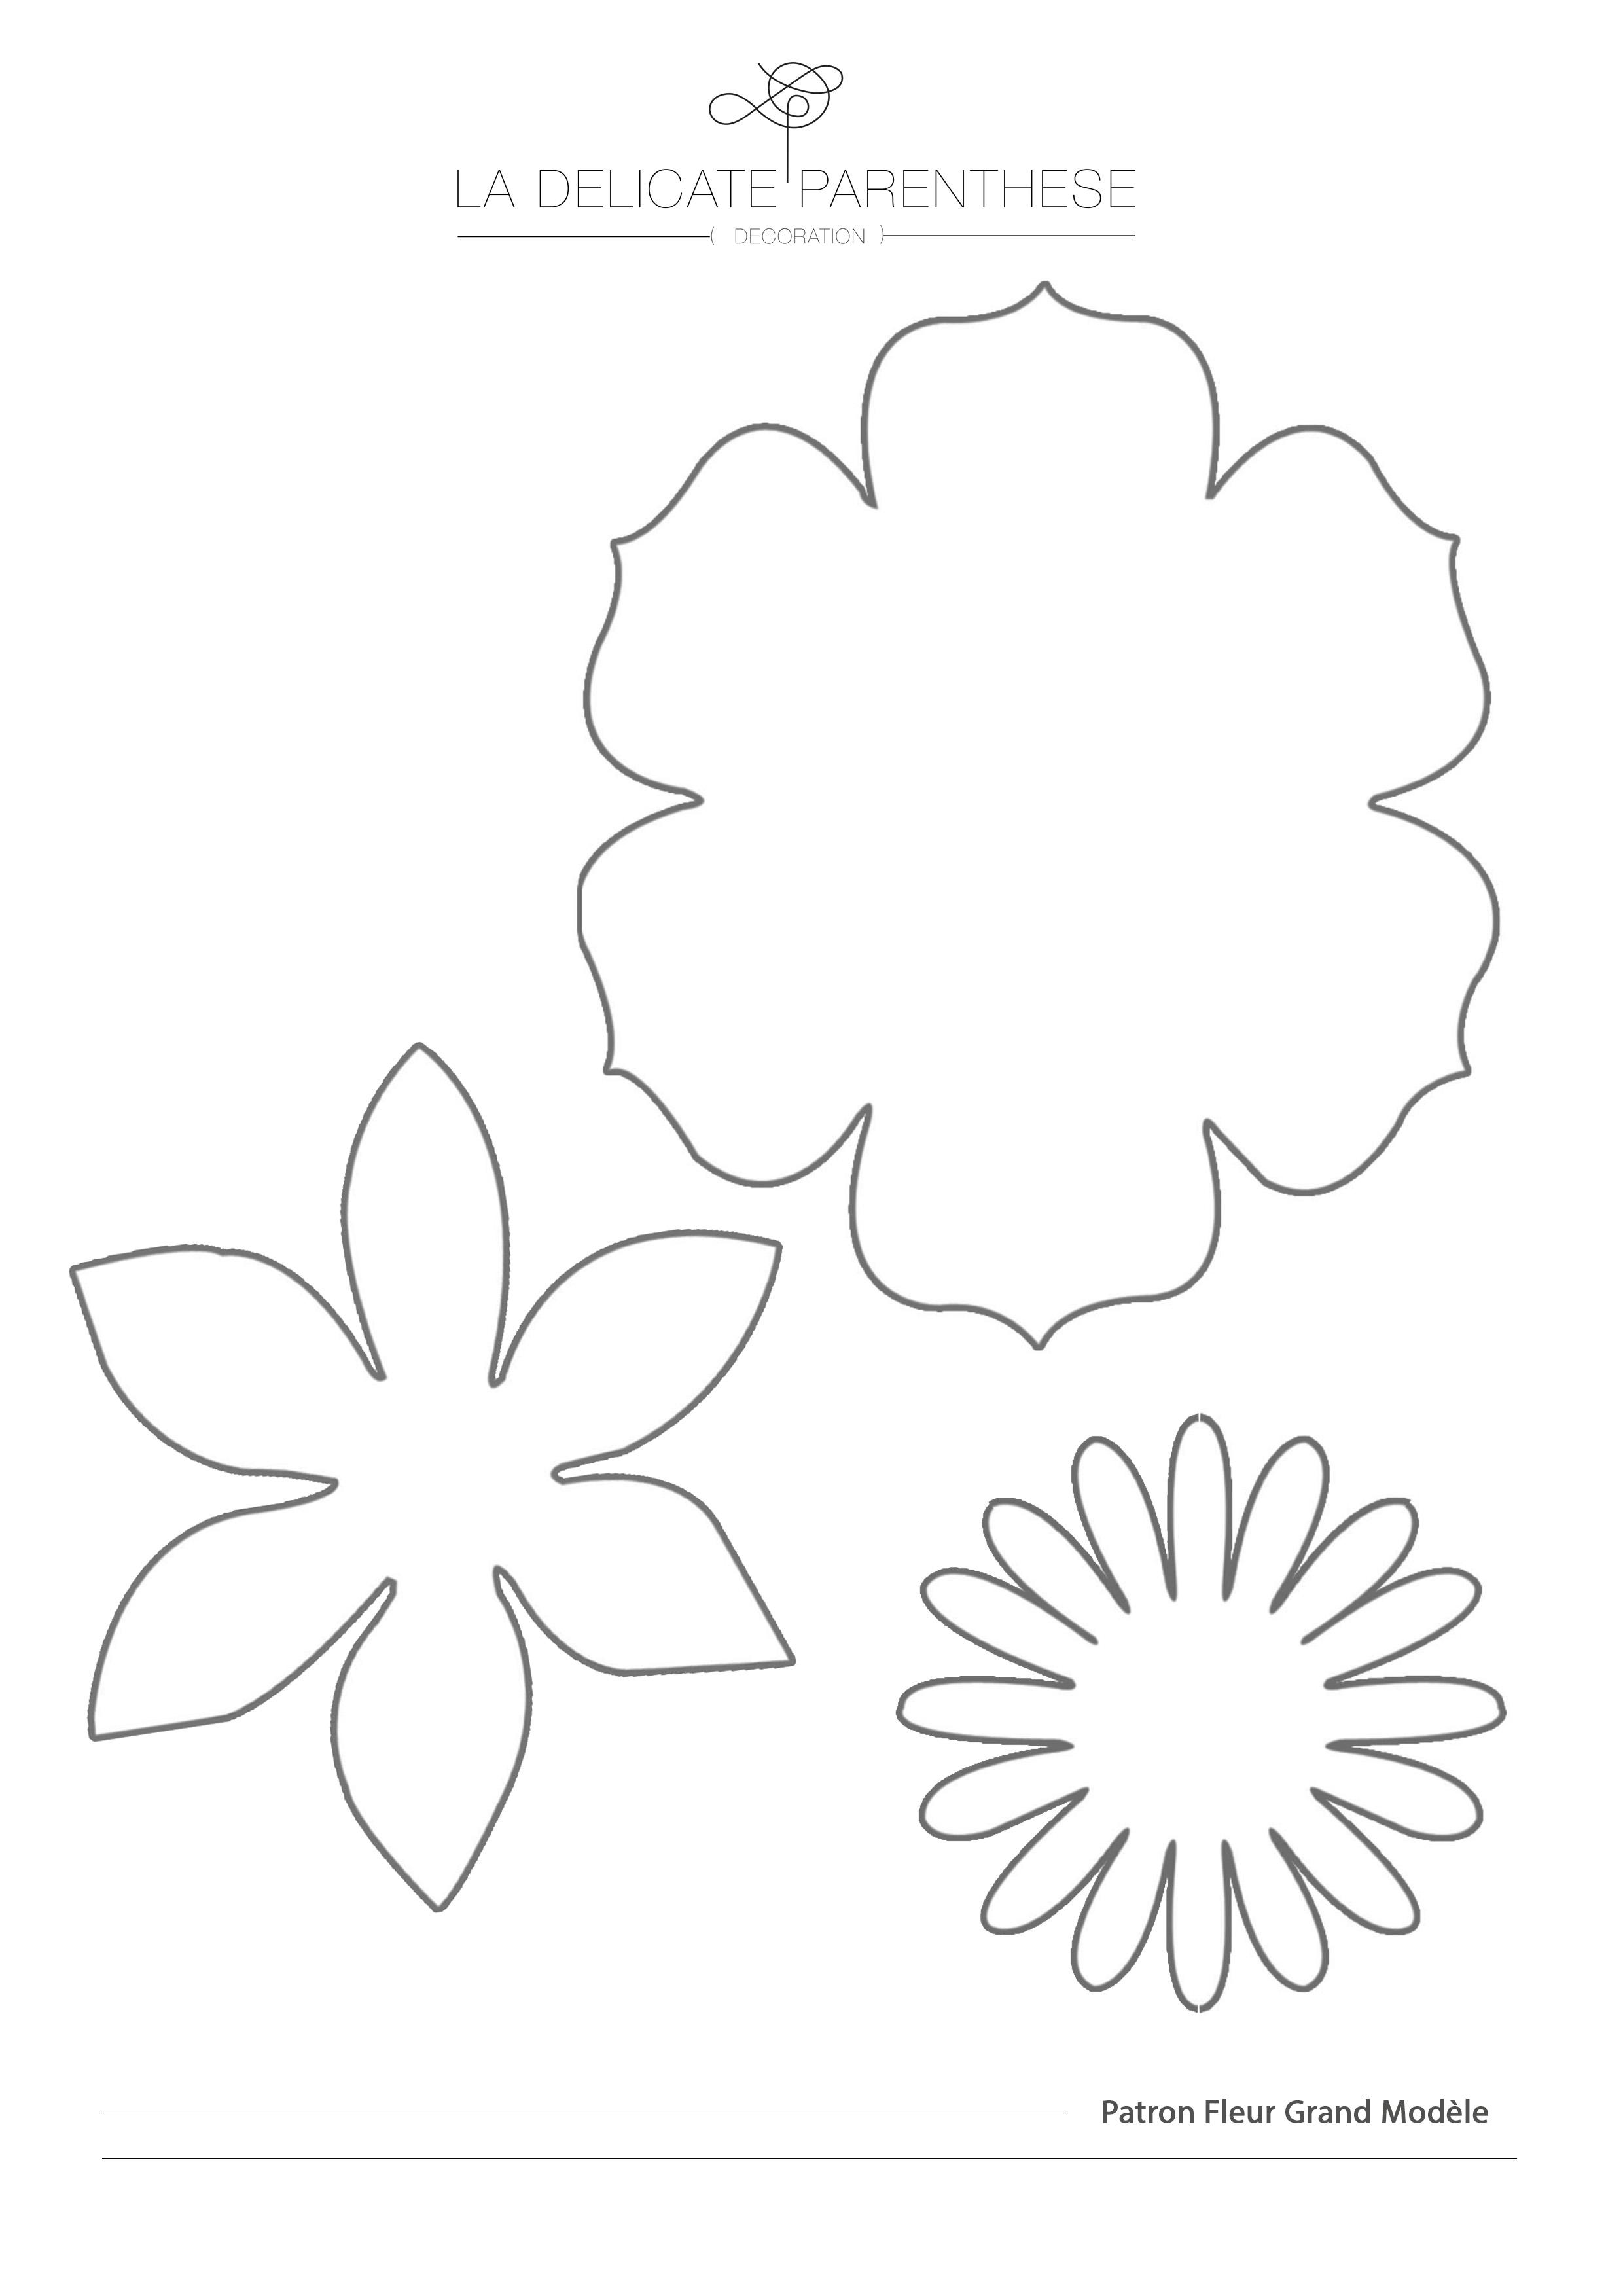 Diy cr ez facilement vos fleurs en papier la - Fleurs a dessiner modele ...